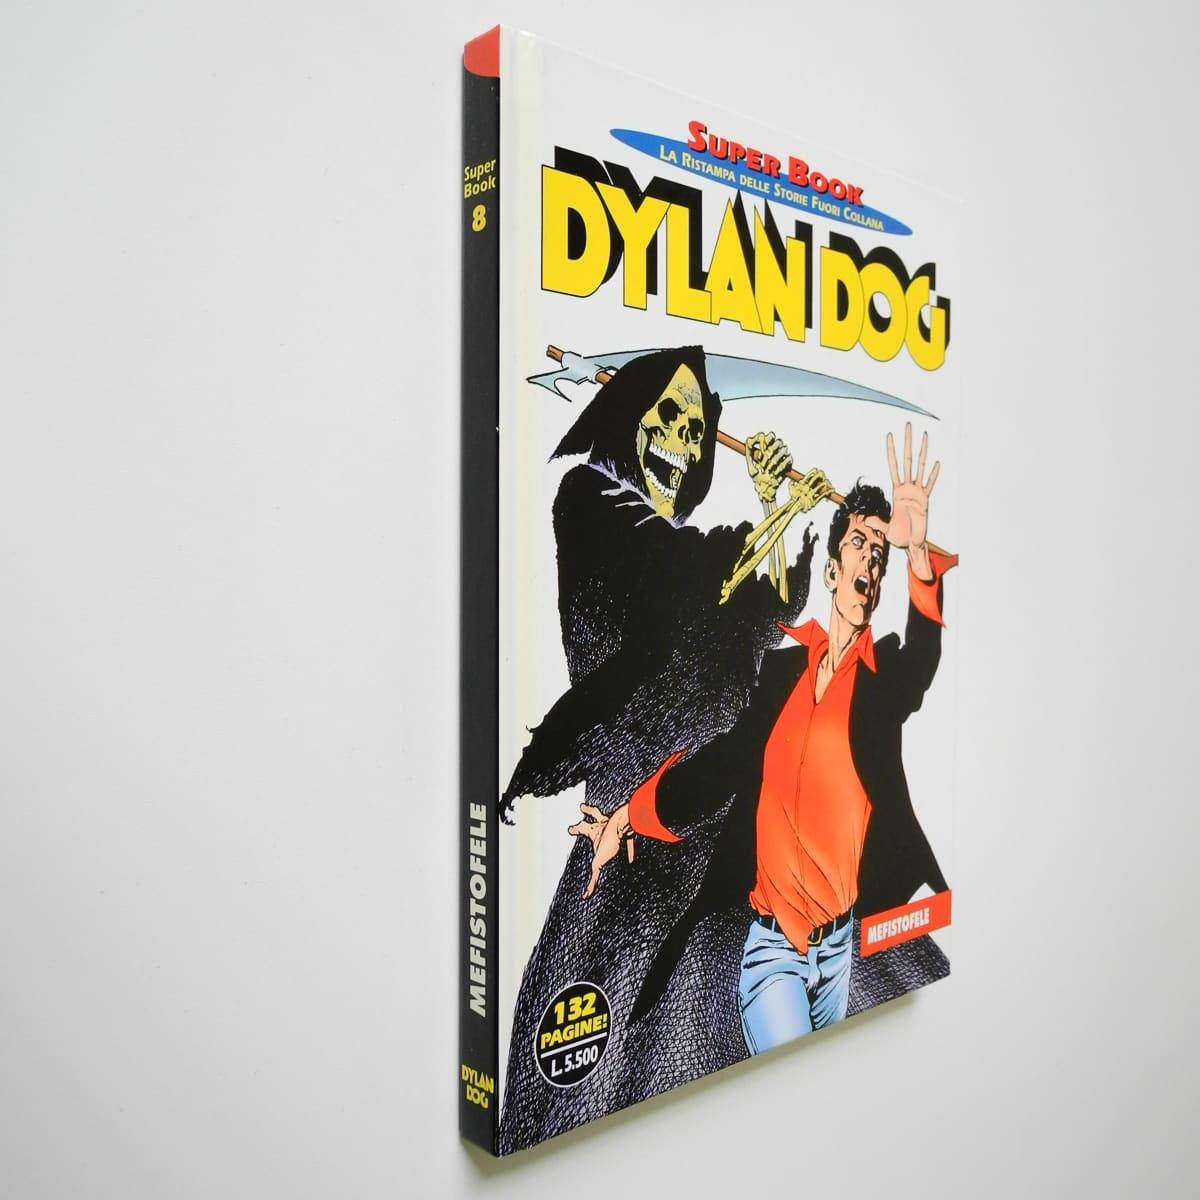 Dylan Dog Super Book n. 8 Bonelli